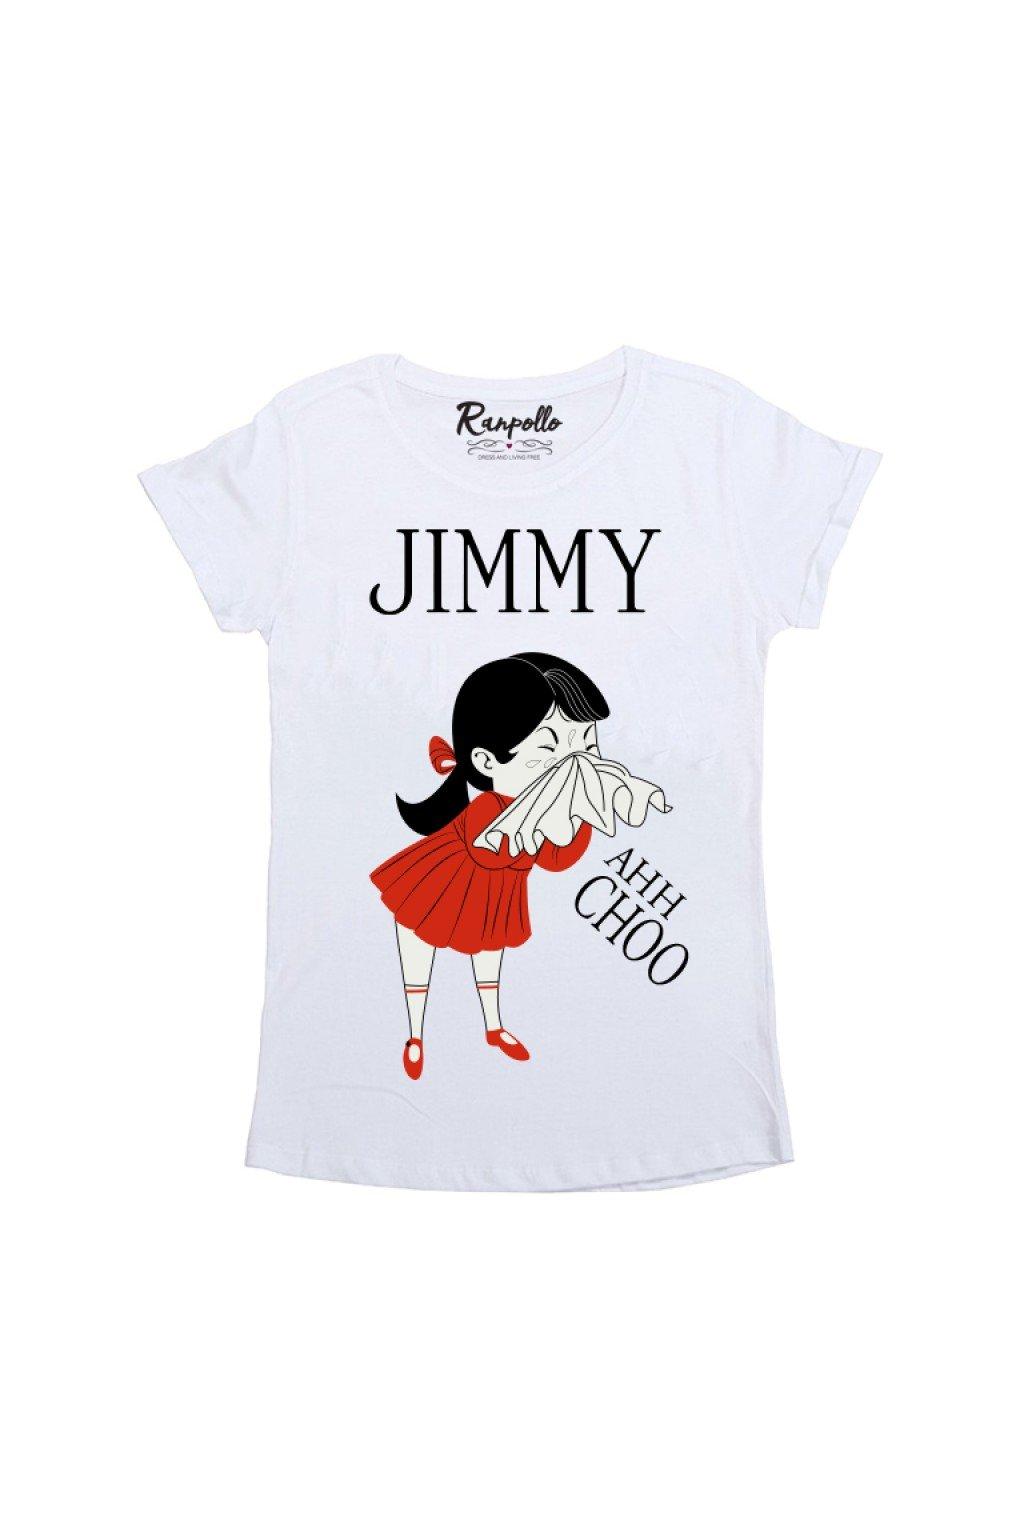 Tričko Jimmy, Ranpollo - bílé (Velikost Velikost S)